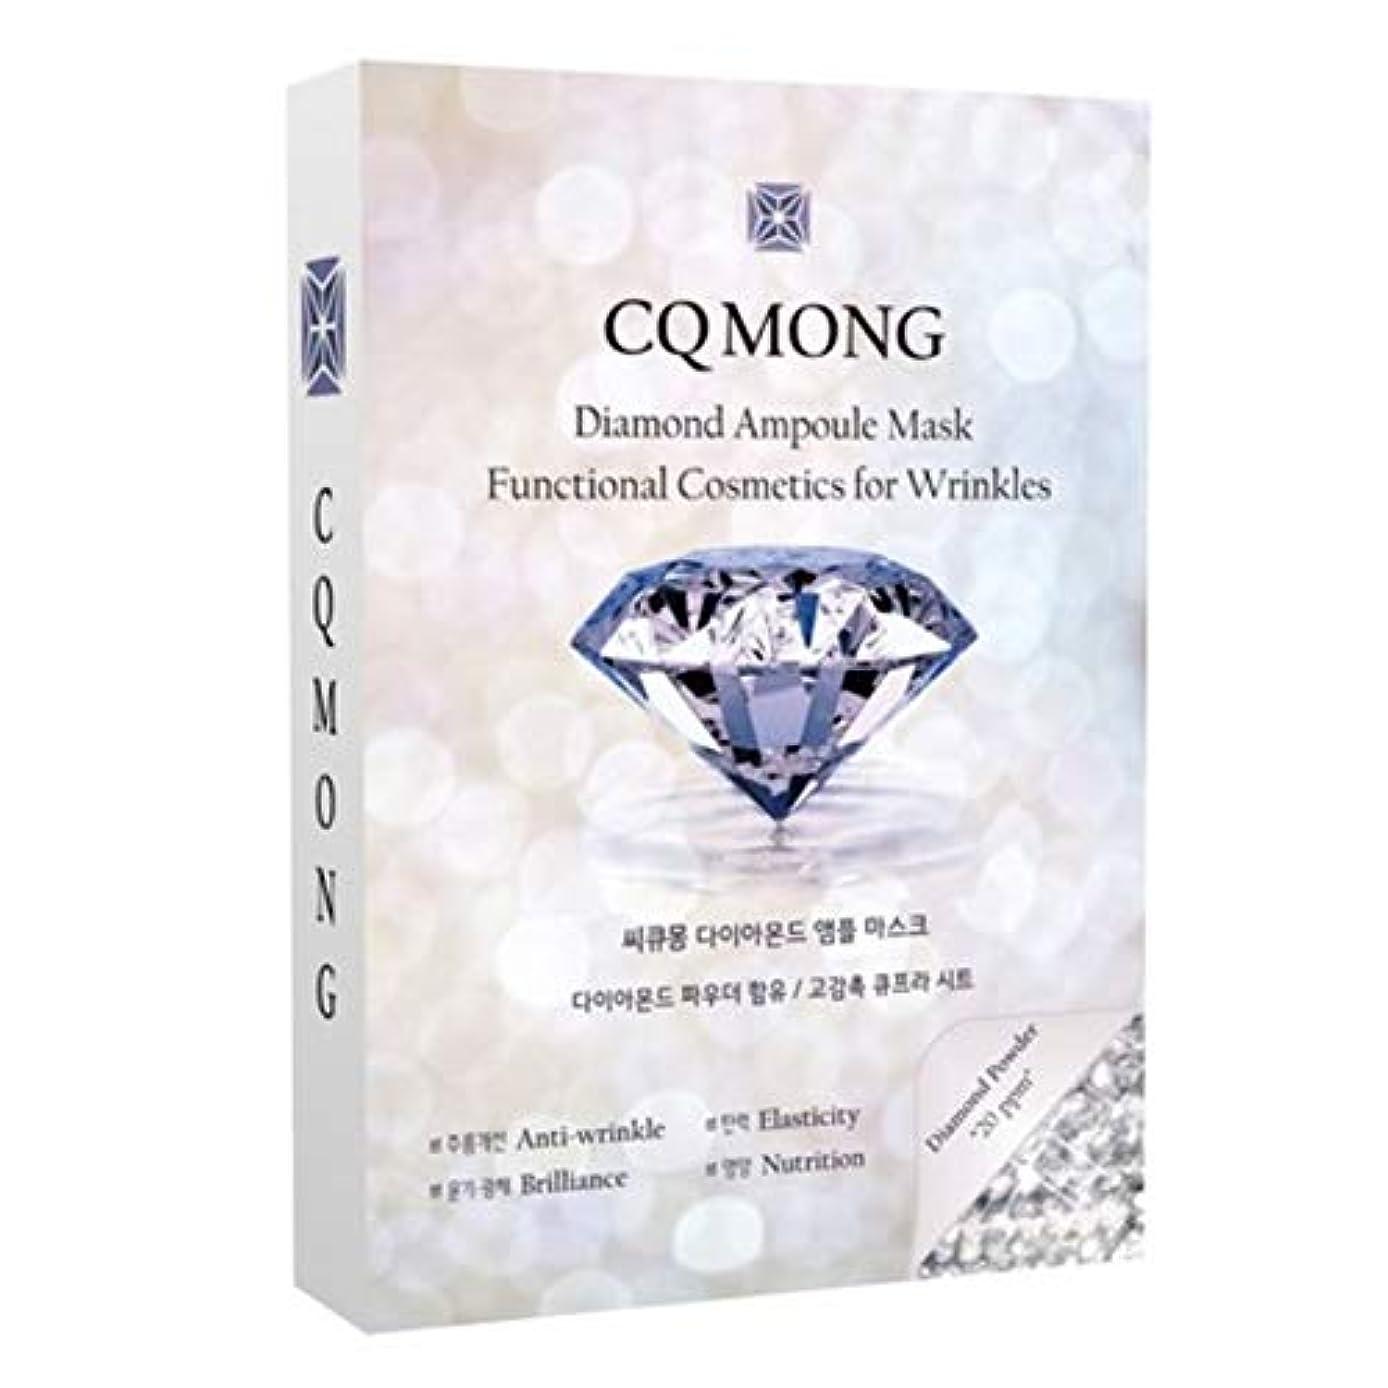 エレクトロニック転送底CQMONG Diamond ampoule Mask 男女共用 マスクパック 1ボックス(10枚)[海外直送品]